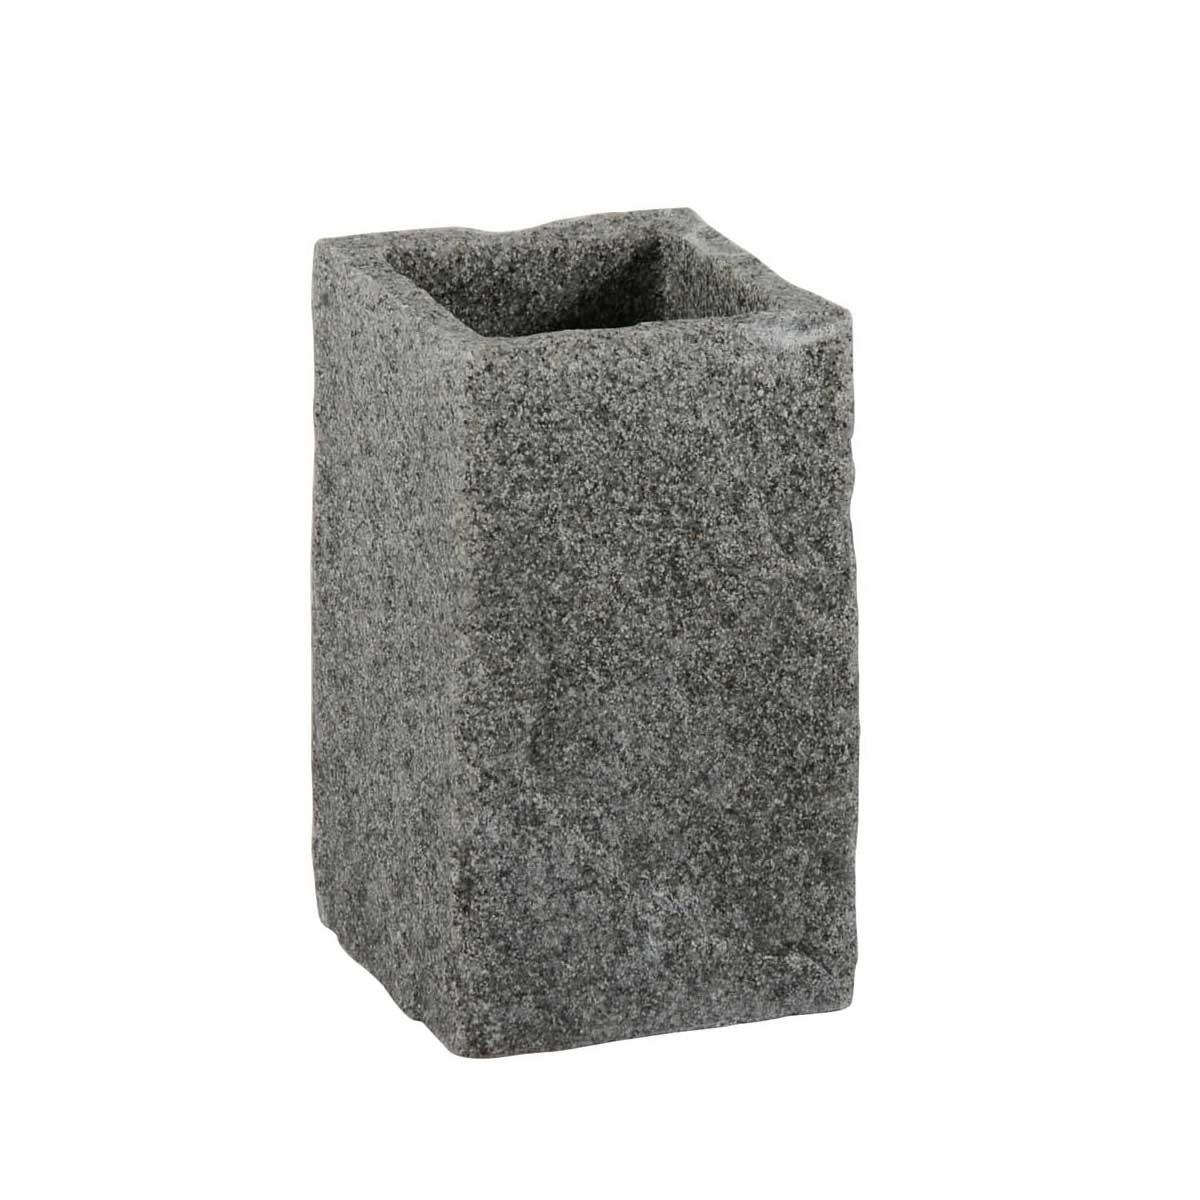 Ποτήρι Οδοντόβουρτσας Marva Rock Grey 478163